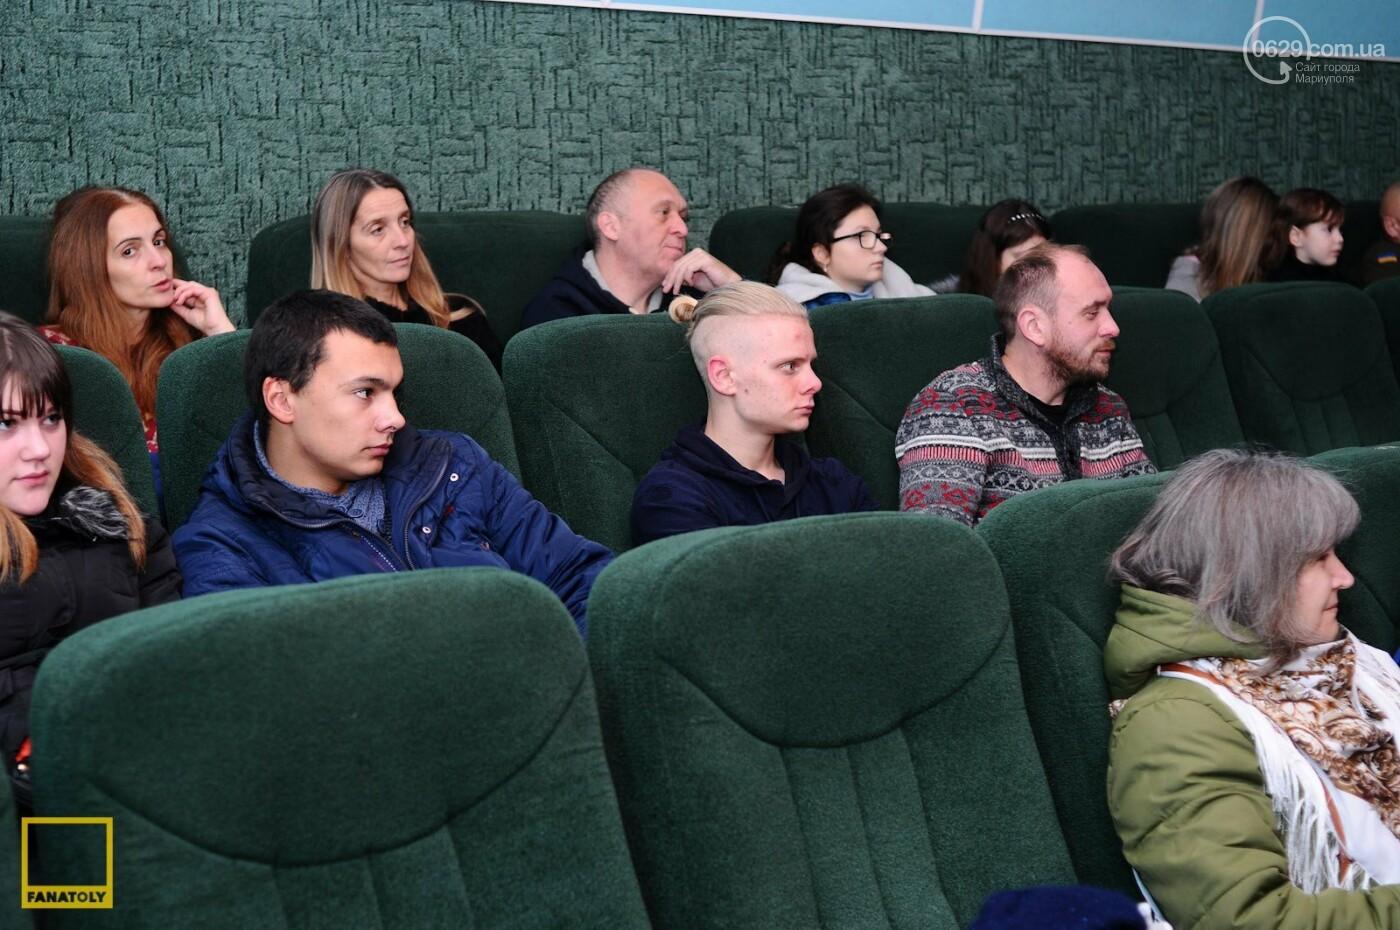 В Мариуполе можно увидеть фильм об украинцах, которые покорили Голливуд, - ФОТО, фото-2